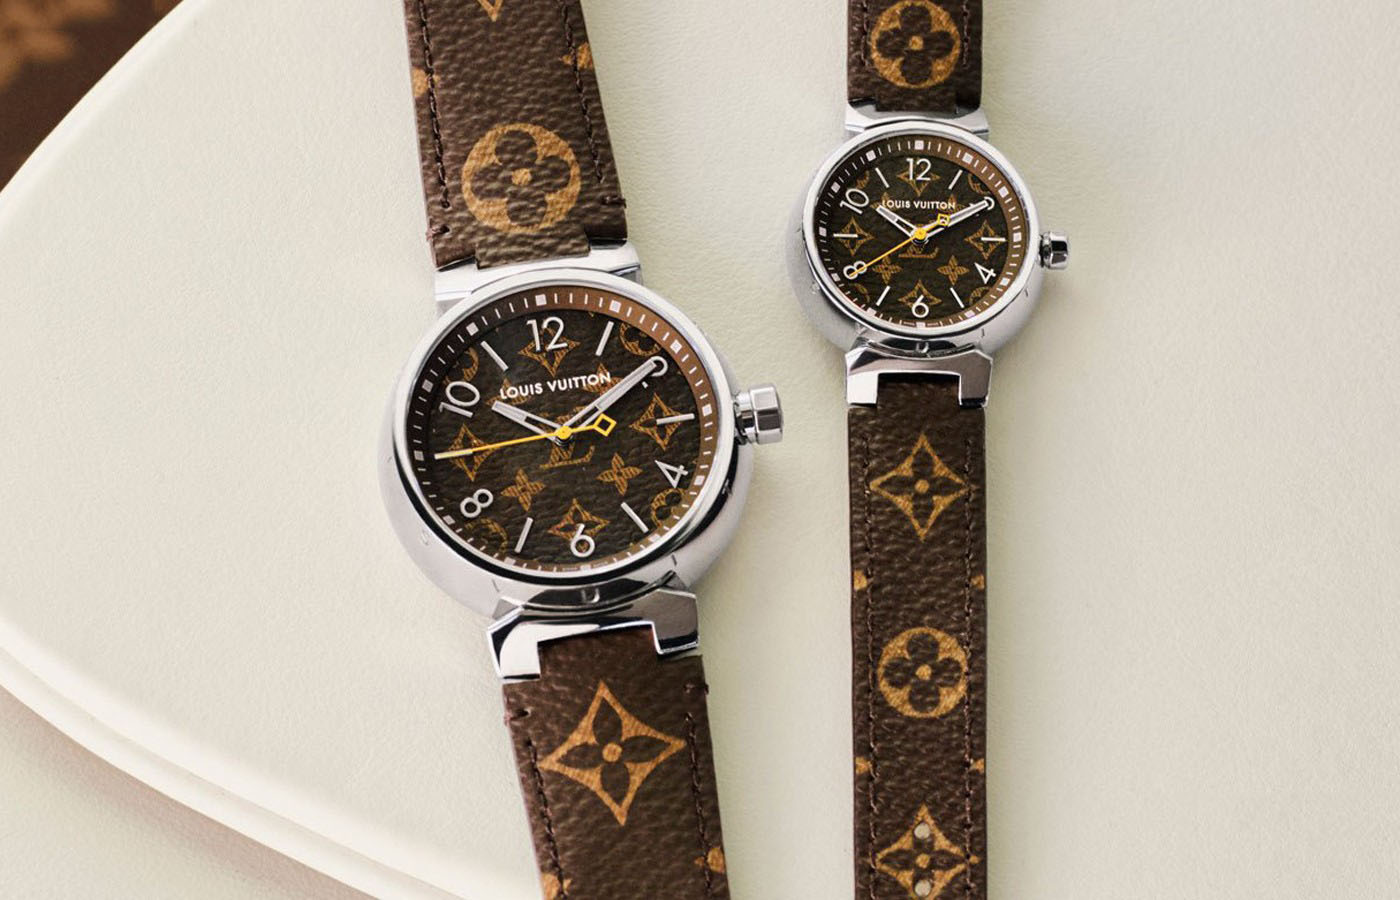 """时间回到2002年,路易威登携Tambour初涉制表领域,这是一款前所未见的腕表,将品牌所有价值融入设计中:12个""""Louis Vuitton""""字母镌刻在表壳上,对应12个小时时标,棕色表盘灵感源自著名的Monogram,而黄色秒针则让人联想到路易威登箱包的蜡线。  Tambour提供多种型号——从简单三针石英款式到高度复杂功能版本——结合隽永外观和不断升级的技术性能,已经成为象征身份的标志。如今,路易威登为Tambour系列再添两款全新Monogram型号。  紧随其后,路易威登还将发布全新Tambour Damier Graphite腕表。日内瓦La Fabrique du Temps工坊的表盘专家凭借精湛技艺,将经典表壳与全新表盘完美融合,忠实再现Monogram和Damier Graphite帆布的设计魅力。  全新Tambour Monogram腕表内置石英机芯,为时分秒显示功能提供动力。新款腕表采用精钢表壳,分为28毫米、34毫米和39.5毫米三种尺寸版本。抛光镀铑时分指针涂覆Superluminova荧光物料,秒针则以传统的黄色装饰。表盘镌刻和印刷Monogram图案,表带由Monogram帆布制成,并配有Ardillon表扣。表带应用路易威登发明的专利替换系统,佩戴者可以自由搭配,完美适应任何场合,并且展现独特个性。"""